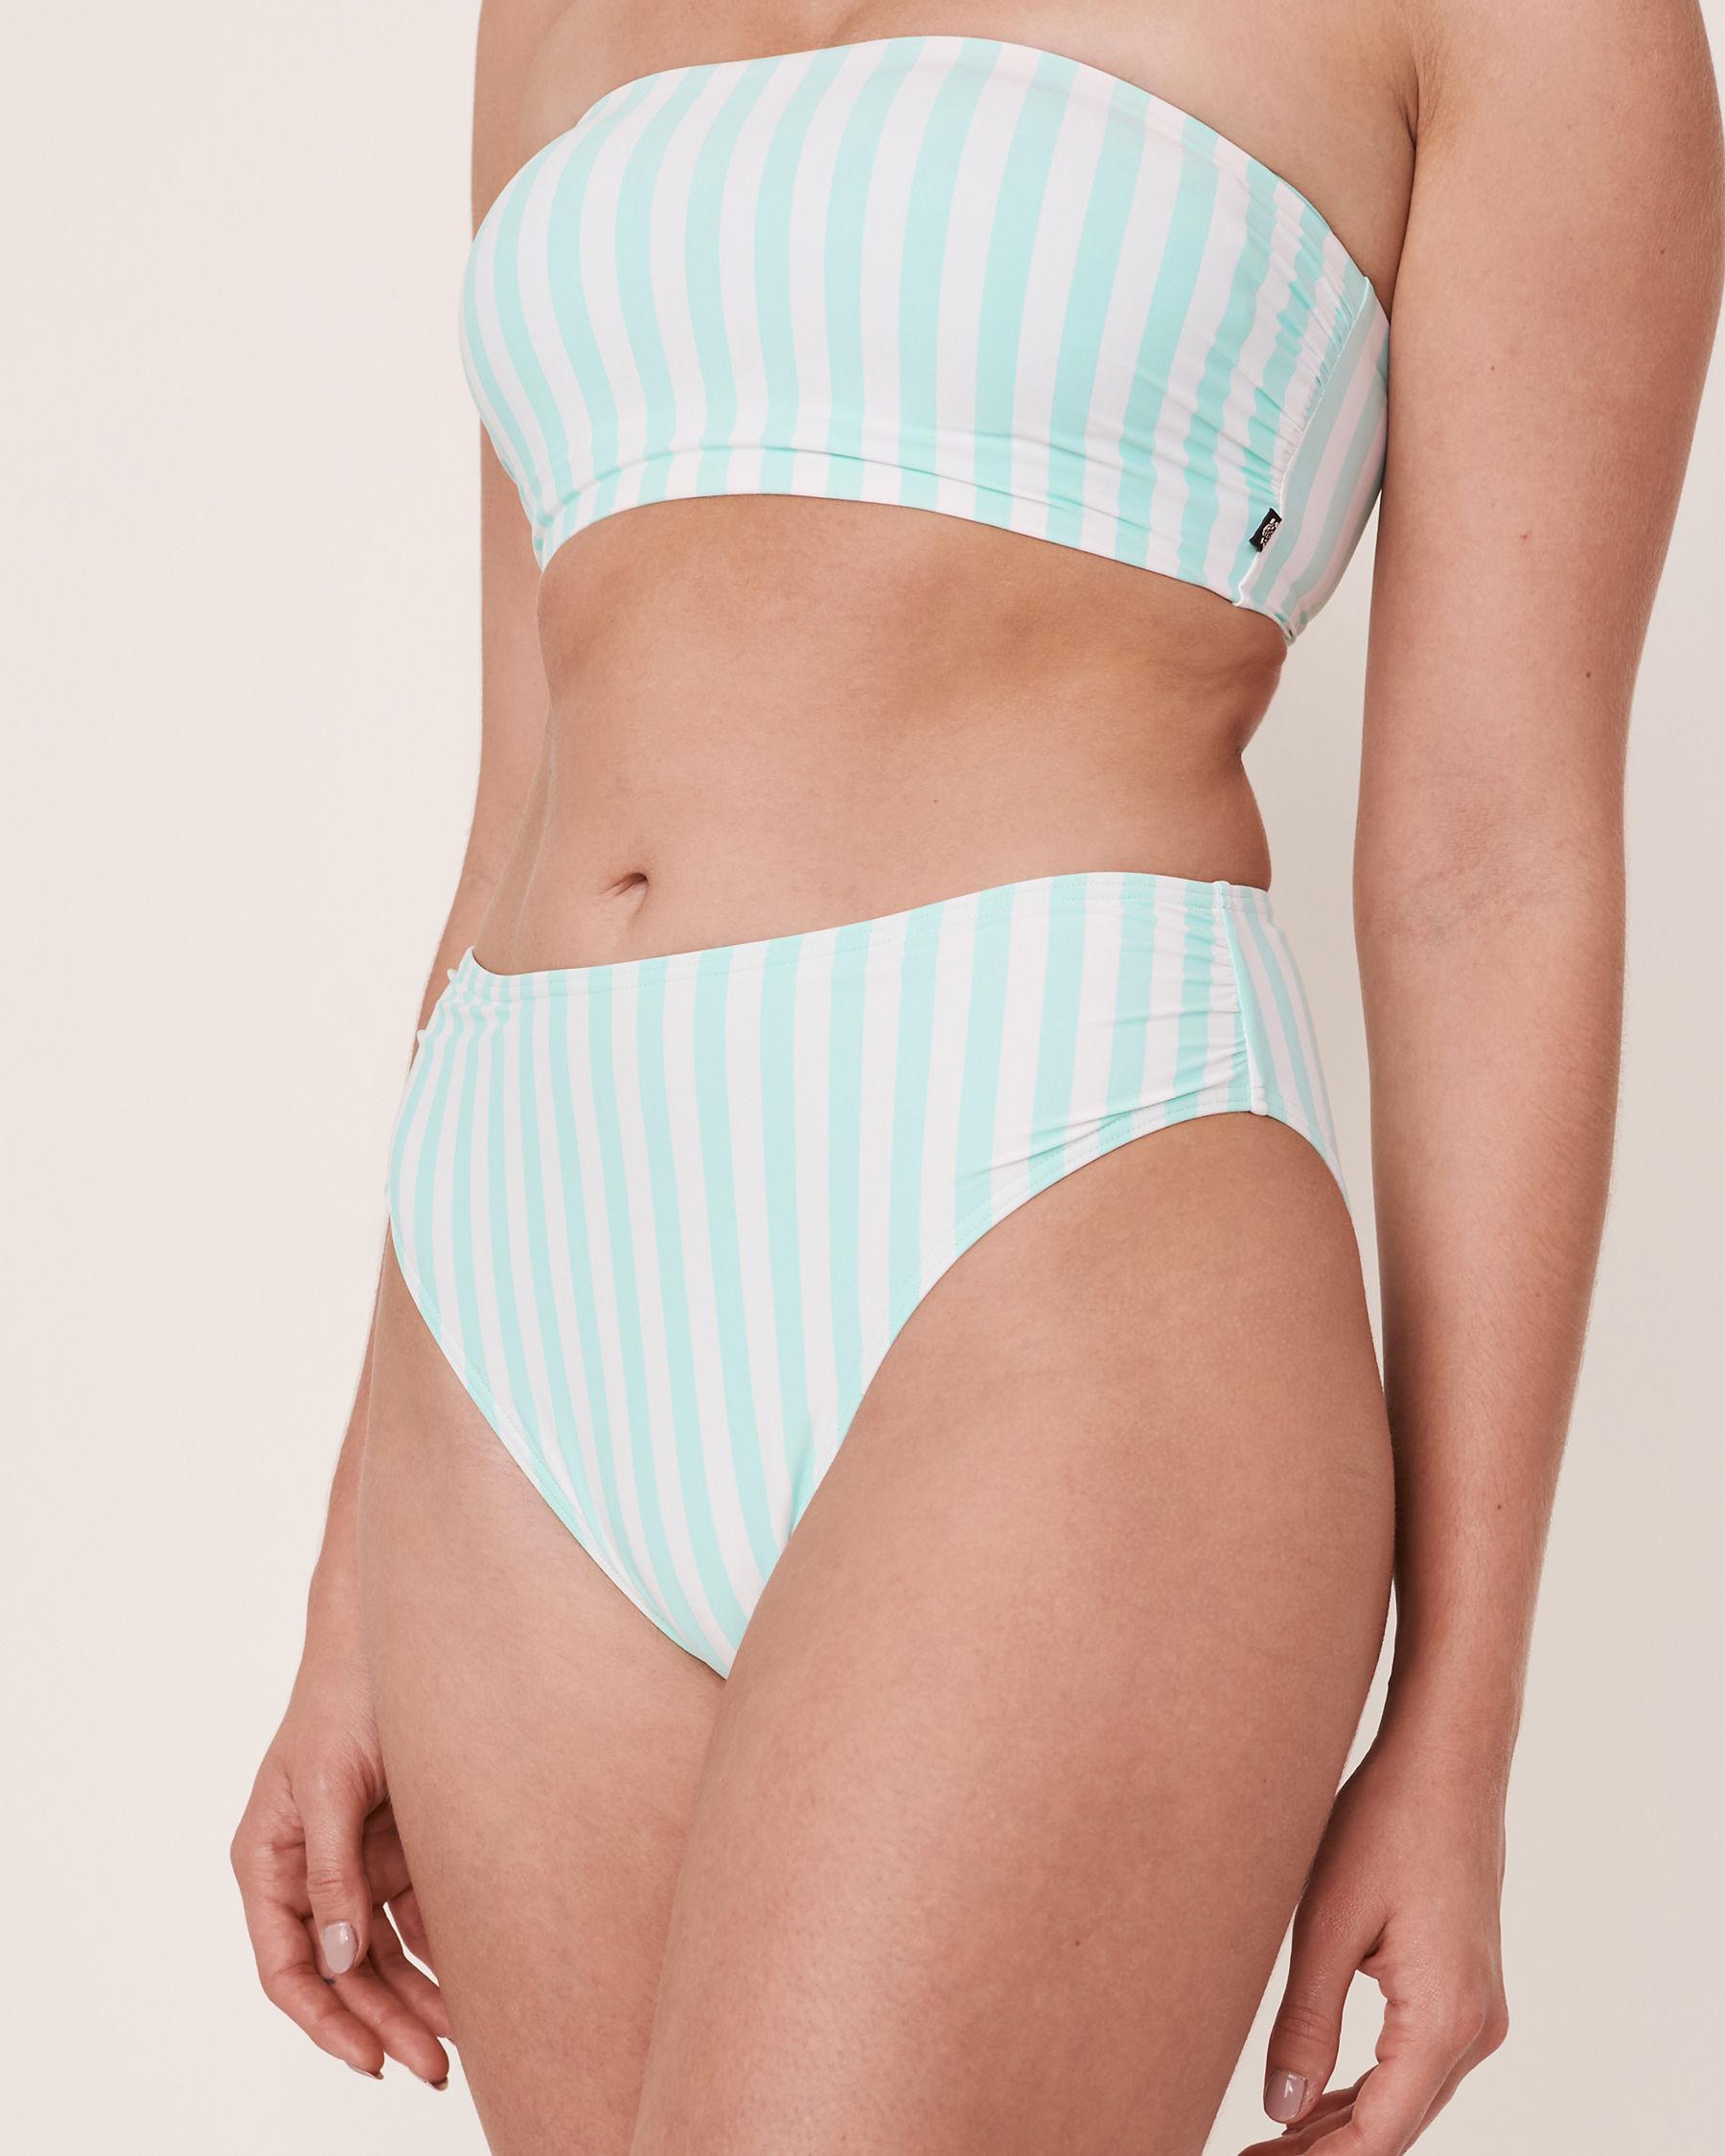 LA VIE EN ROSE AQUA Bas de bikini brésilien taille haute en fibres recyclées OCEAN Rayures aqua et blanches 70300069 - Voir1